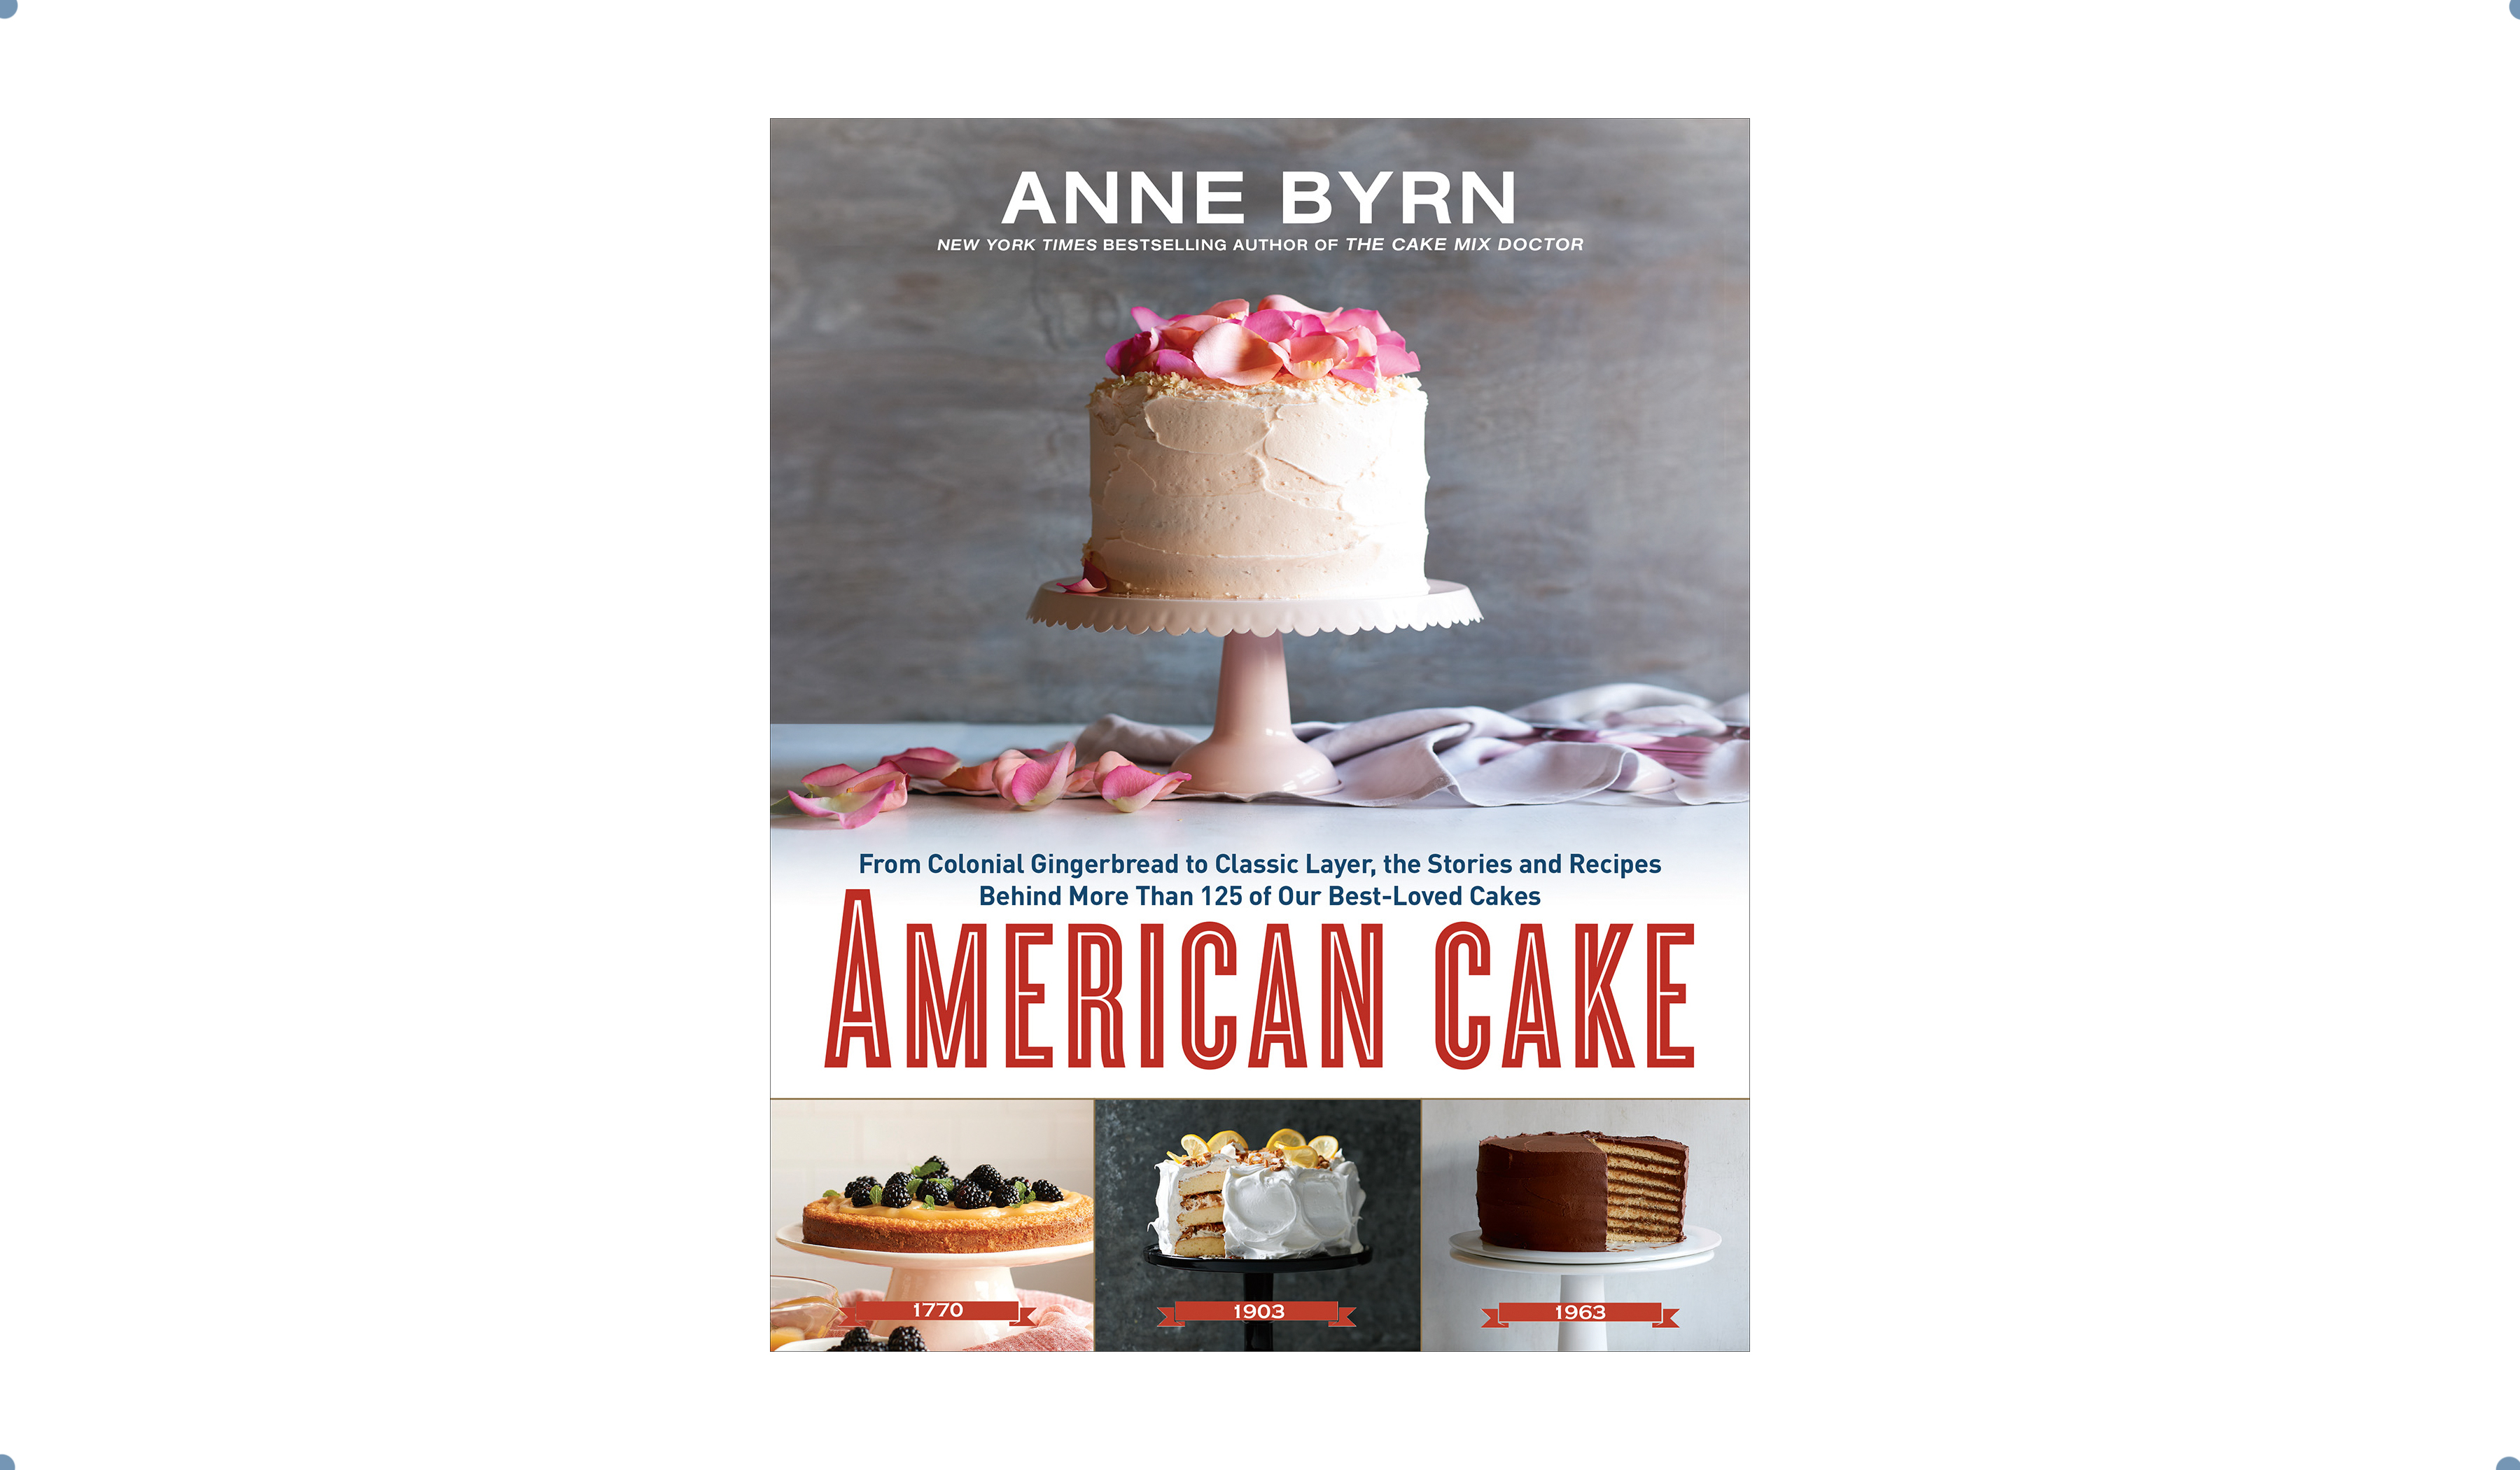 anne byrn american cake book